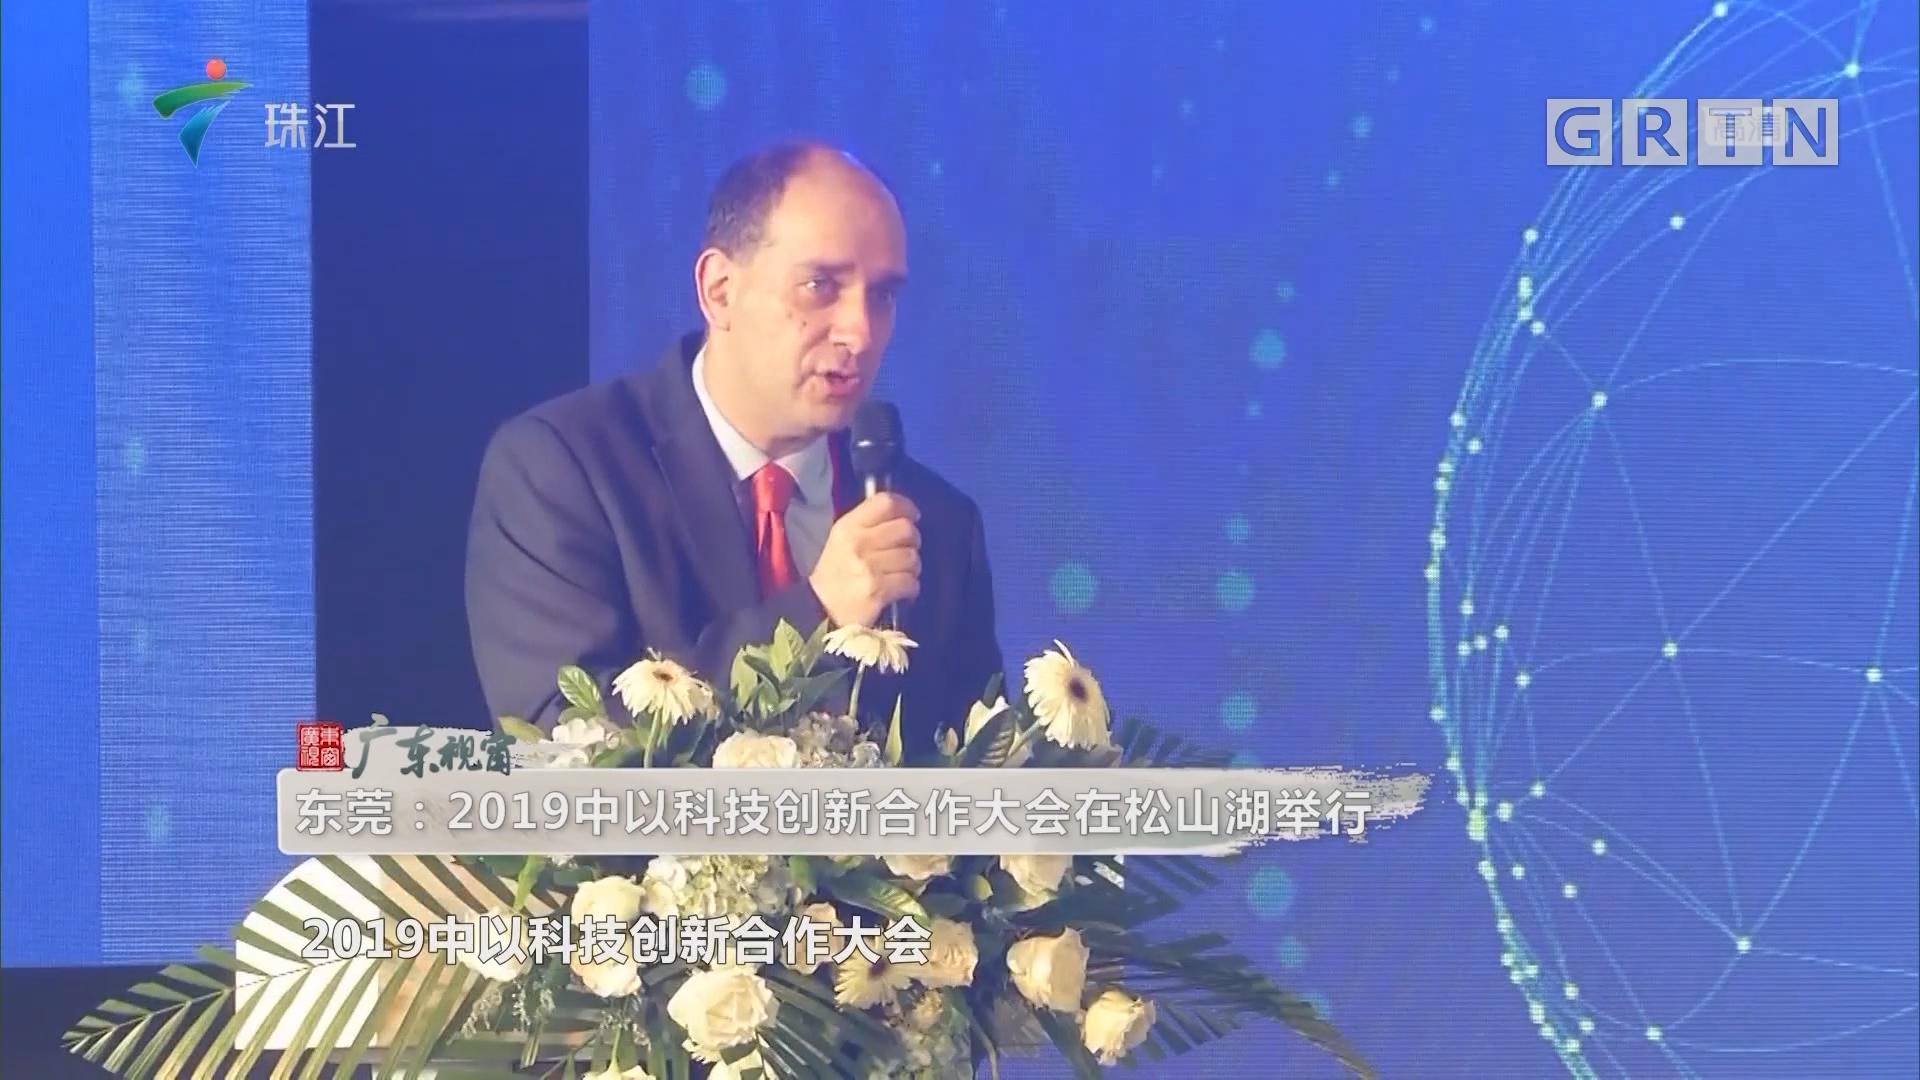 东莞:2019中以科技创新合作大会在松山湖举行